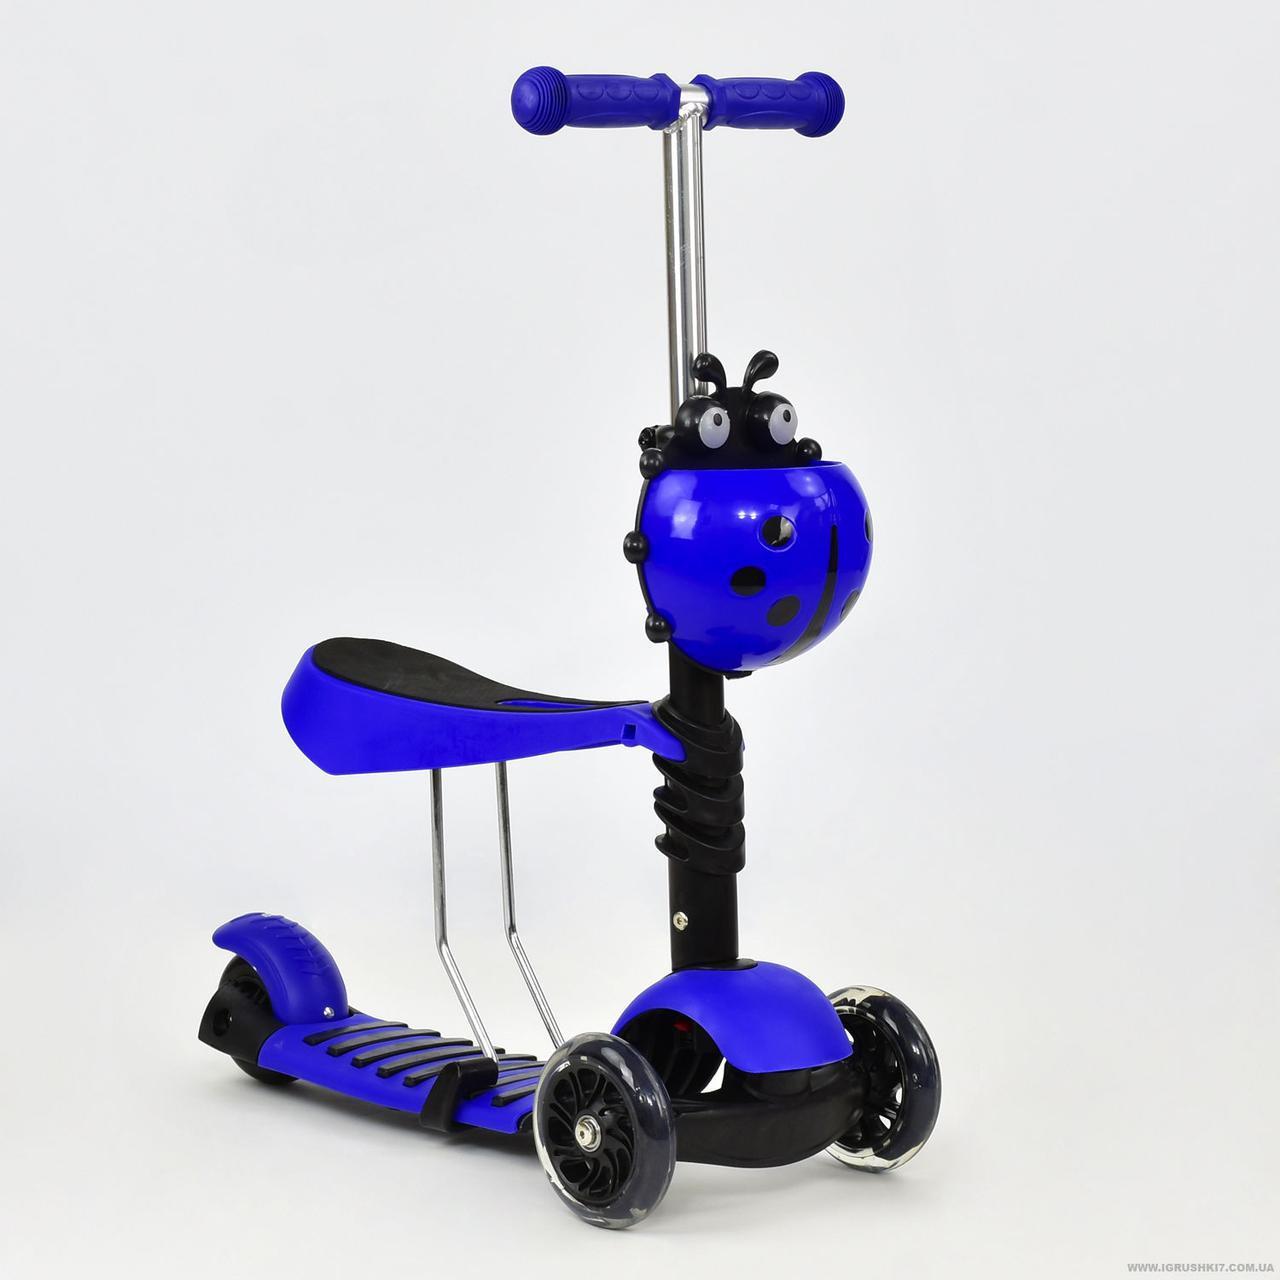 Детский самокат Scooter 3в1 , сиденье, корзинка, А 24668 - 1030 синий